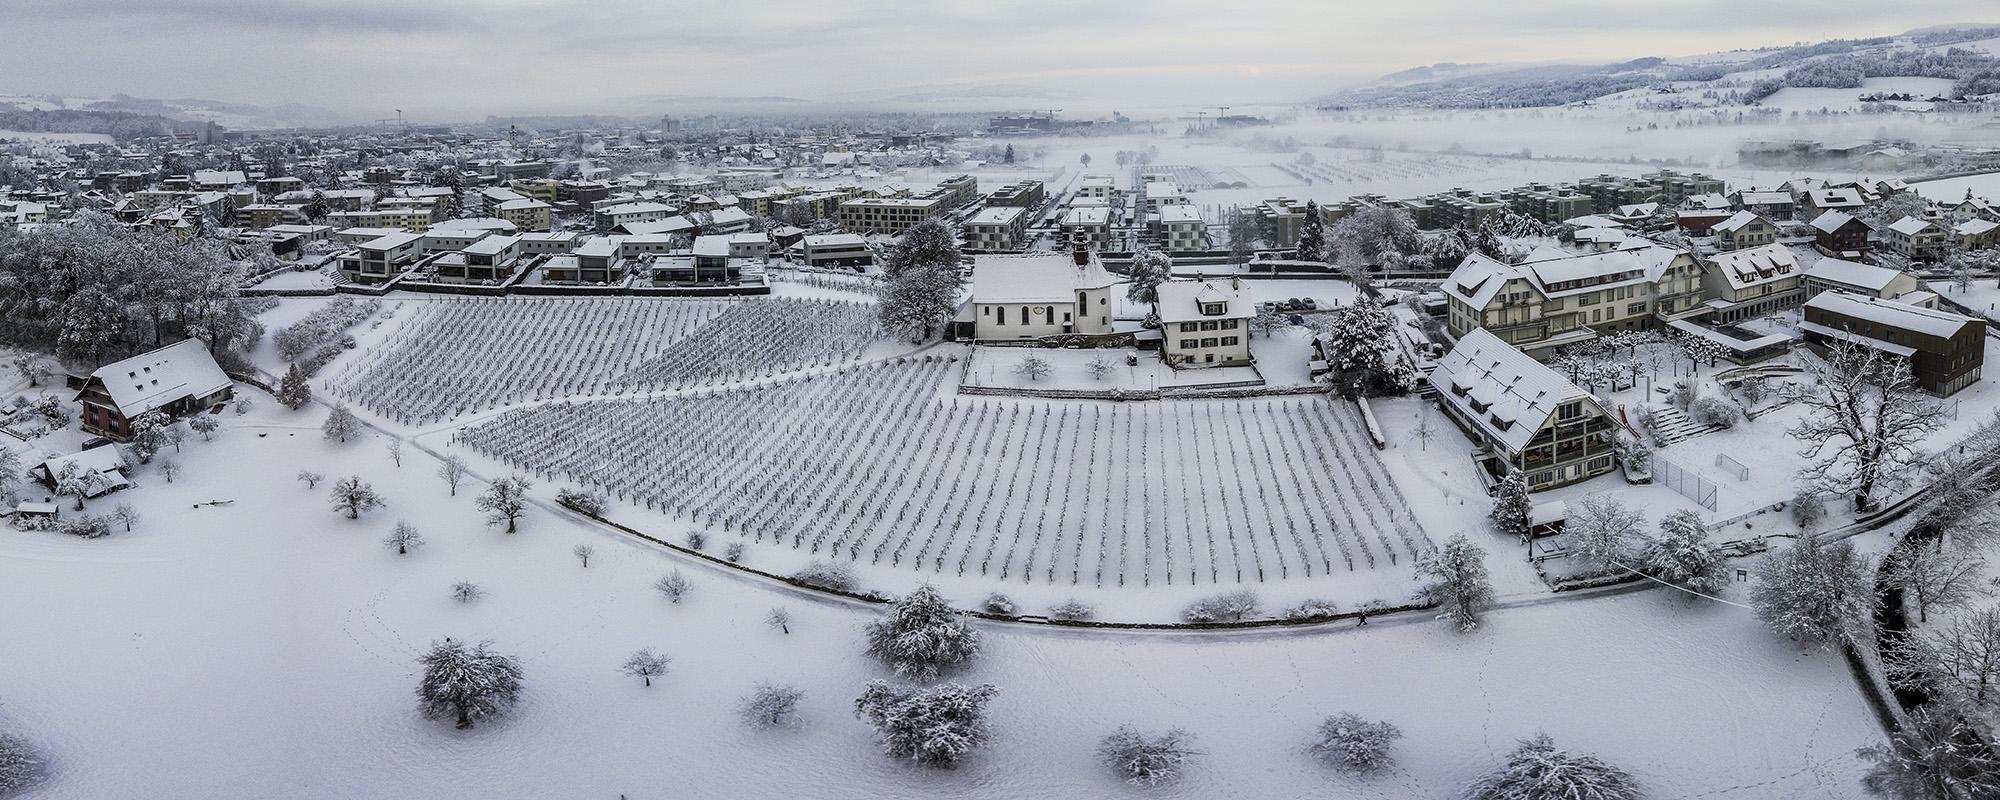 Mariazell Luftaufnahme Winter